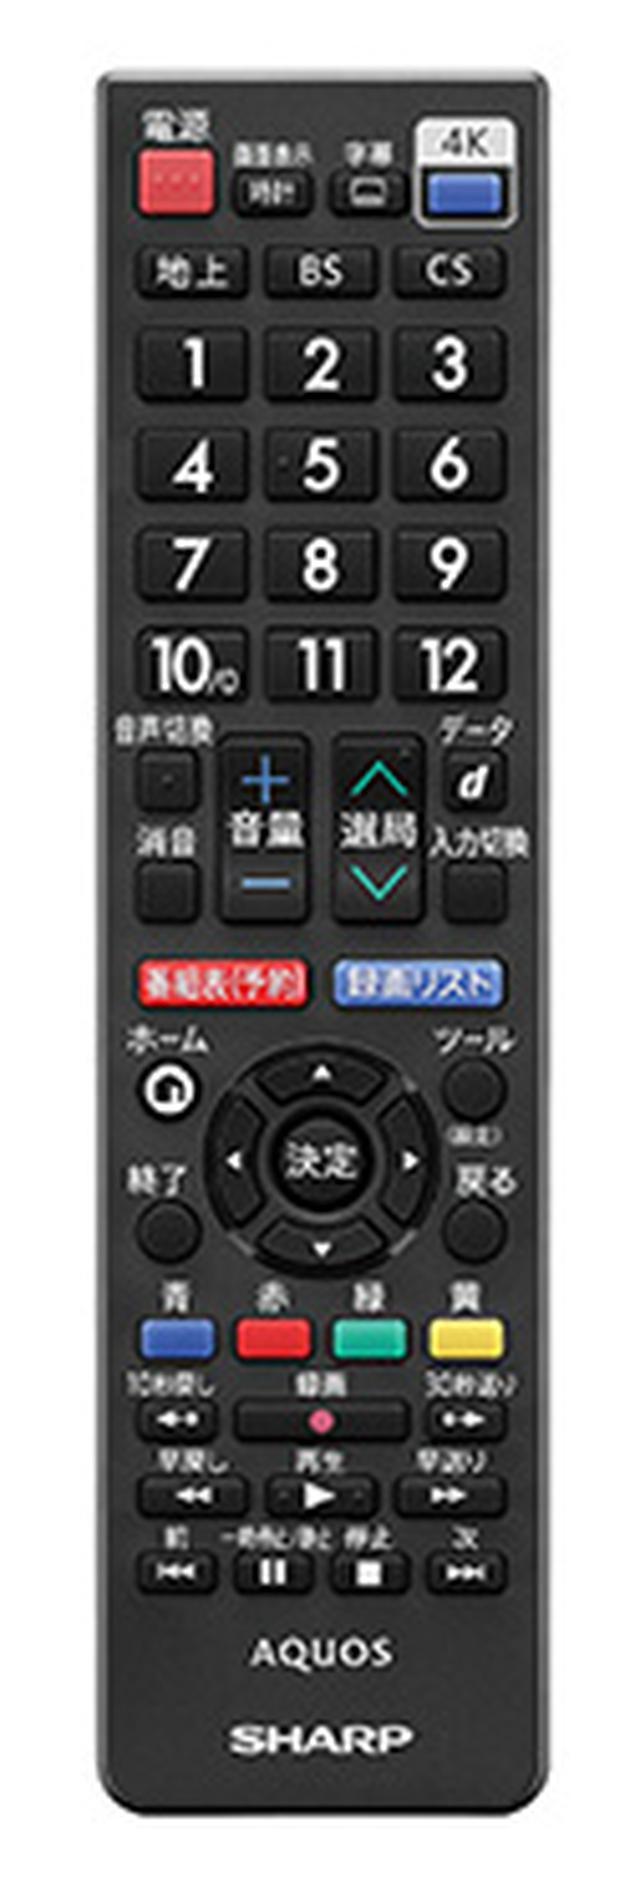 画像: 4K放送の裏番組録画対応。見やすい映像で画質も十分!